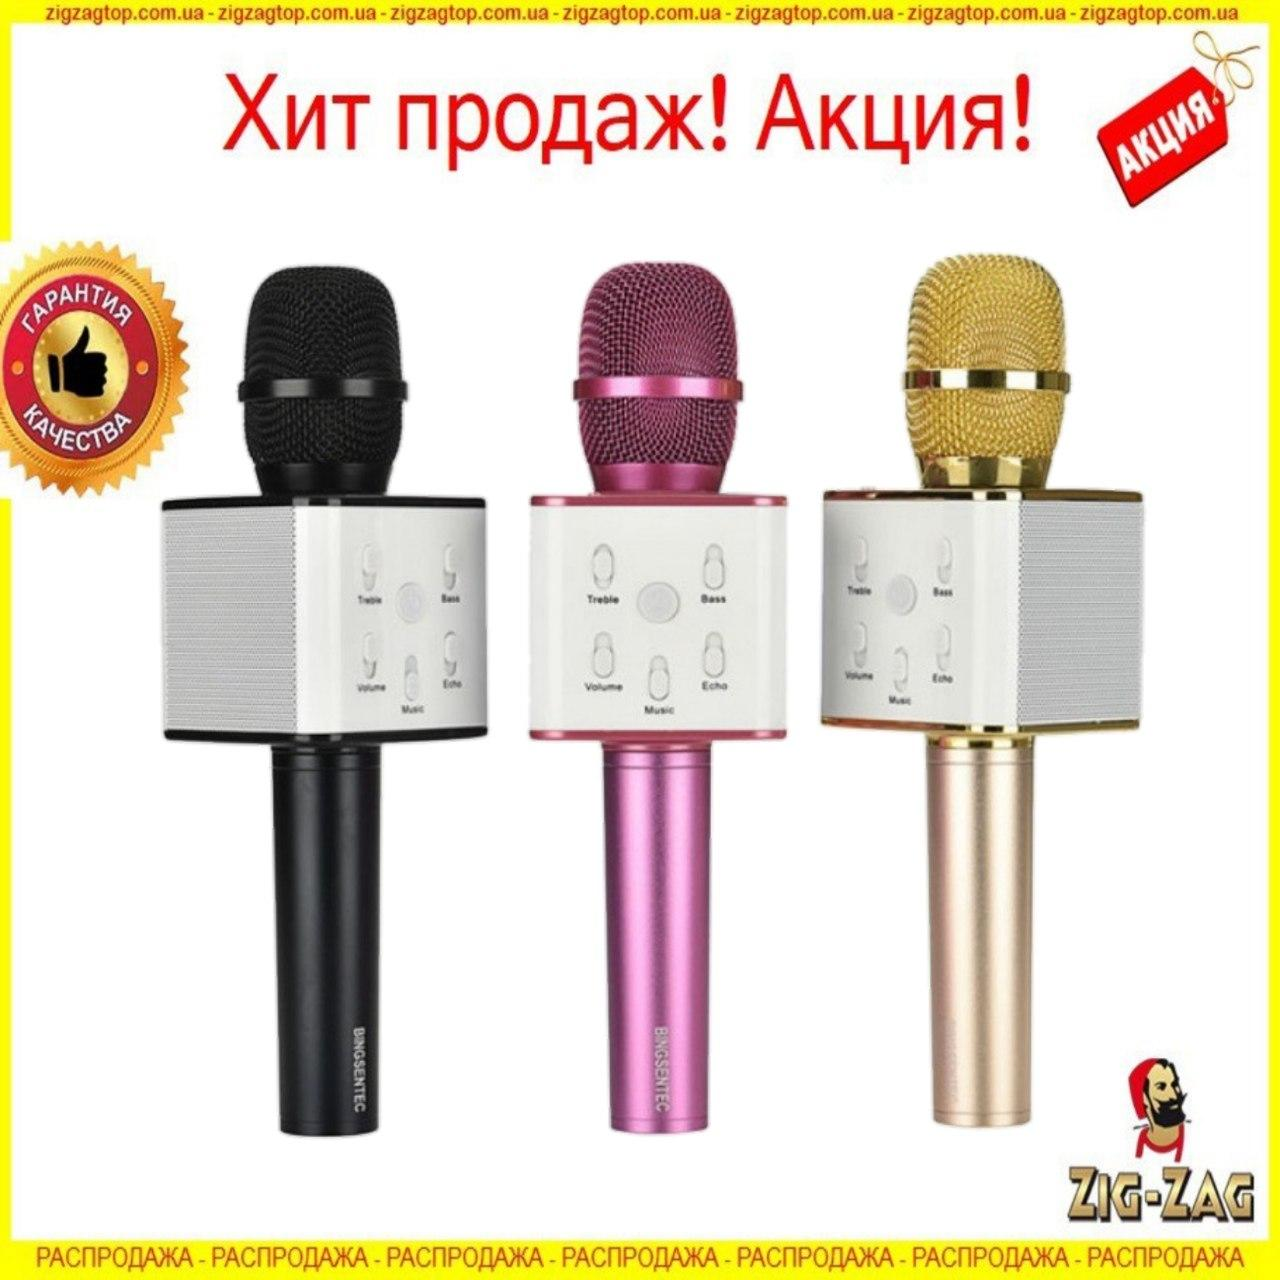 Беспроводной Микрофон для караоке Q7 WSTER Bluetooth Золотой в Чехле детский блютуз аккумулятор 2600mAh МРЗ FM